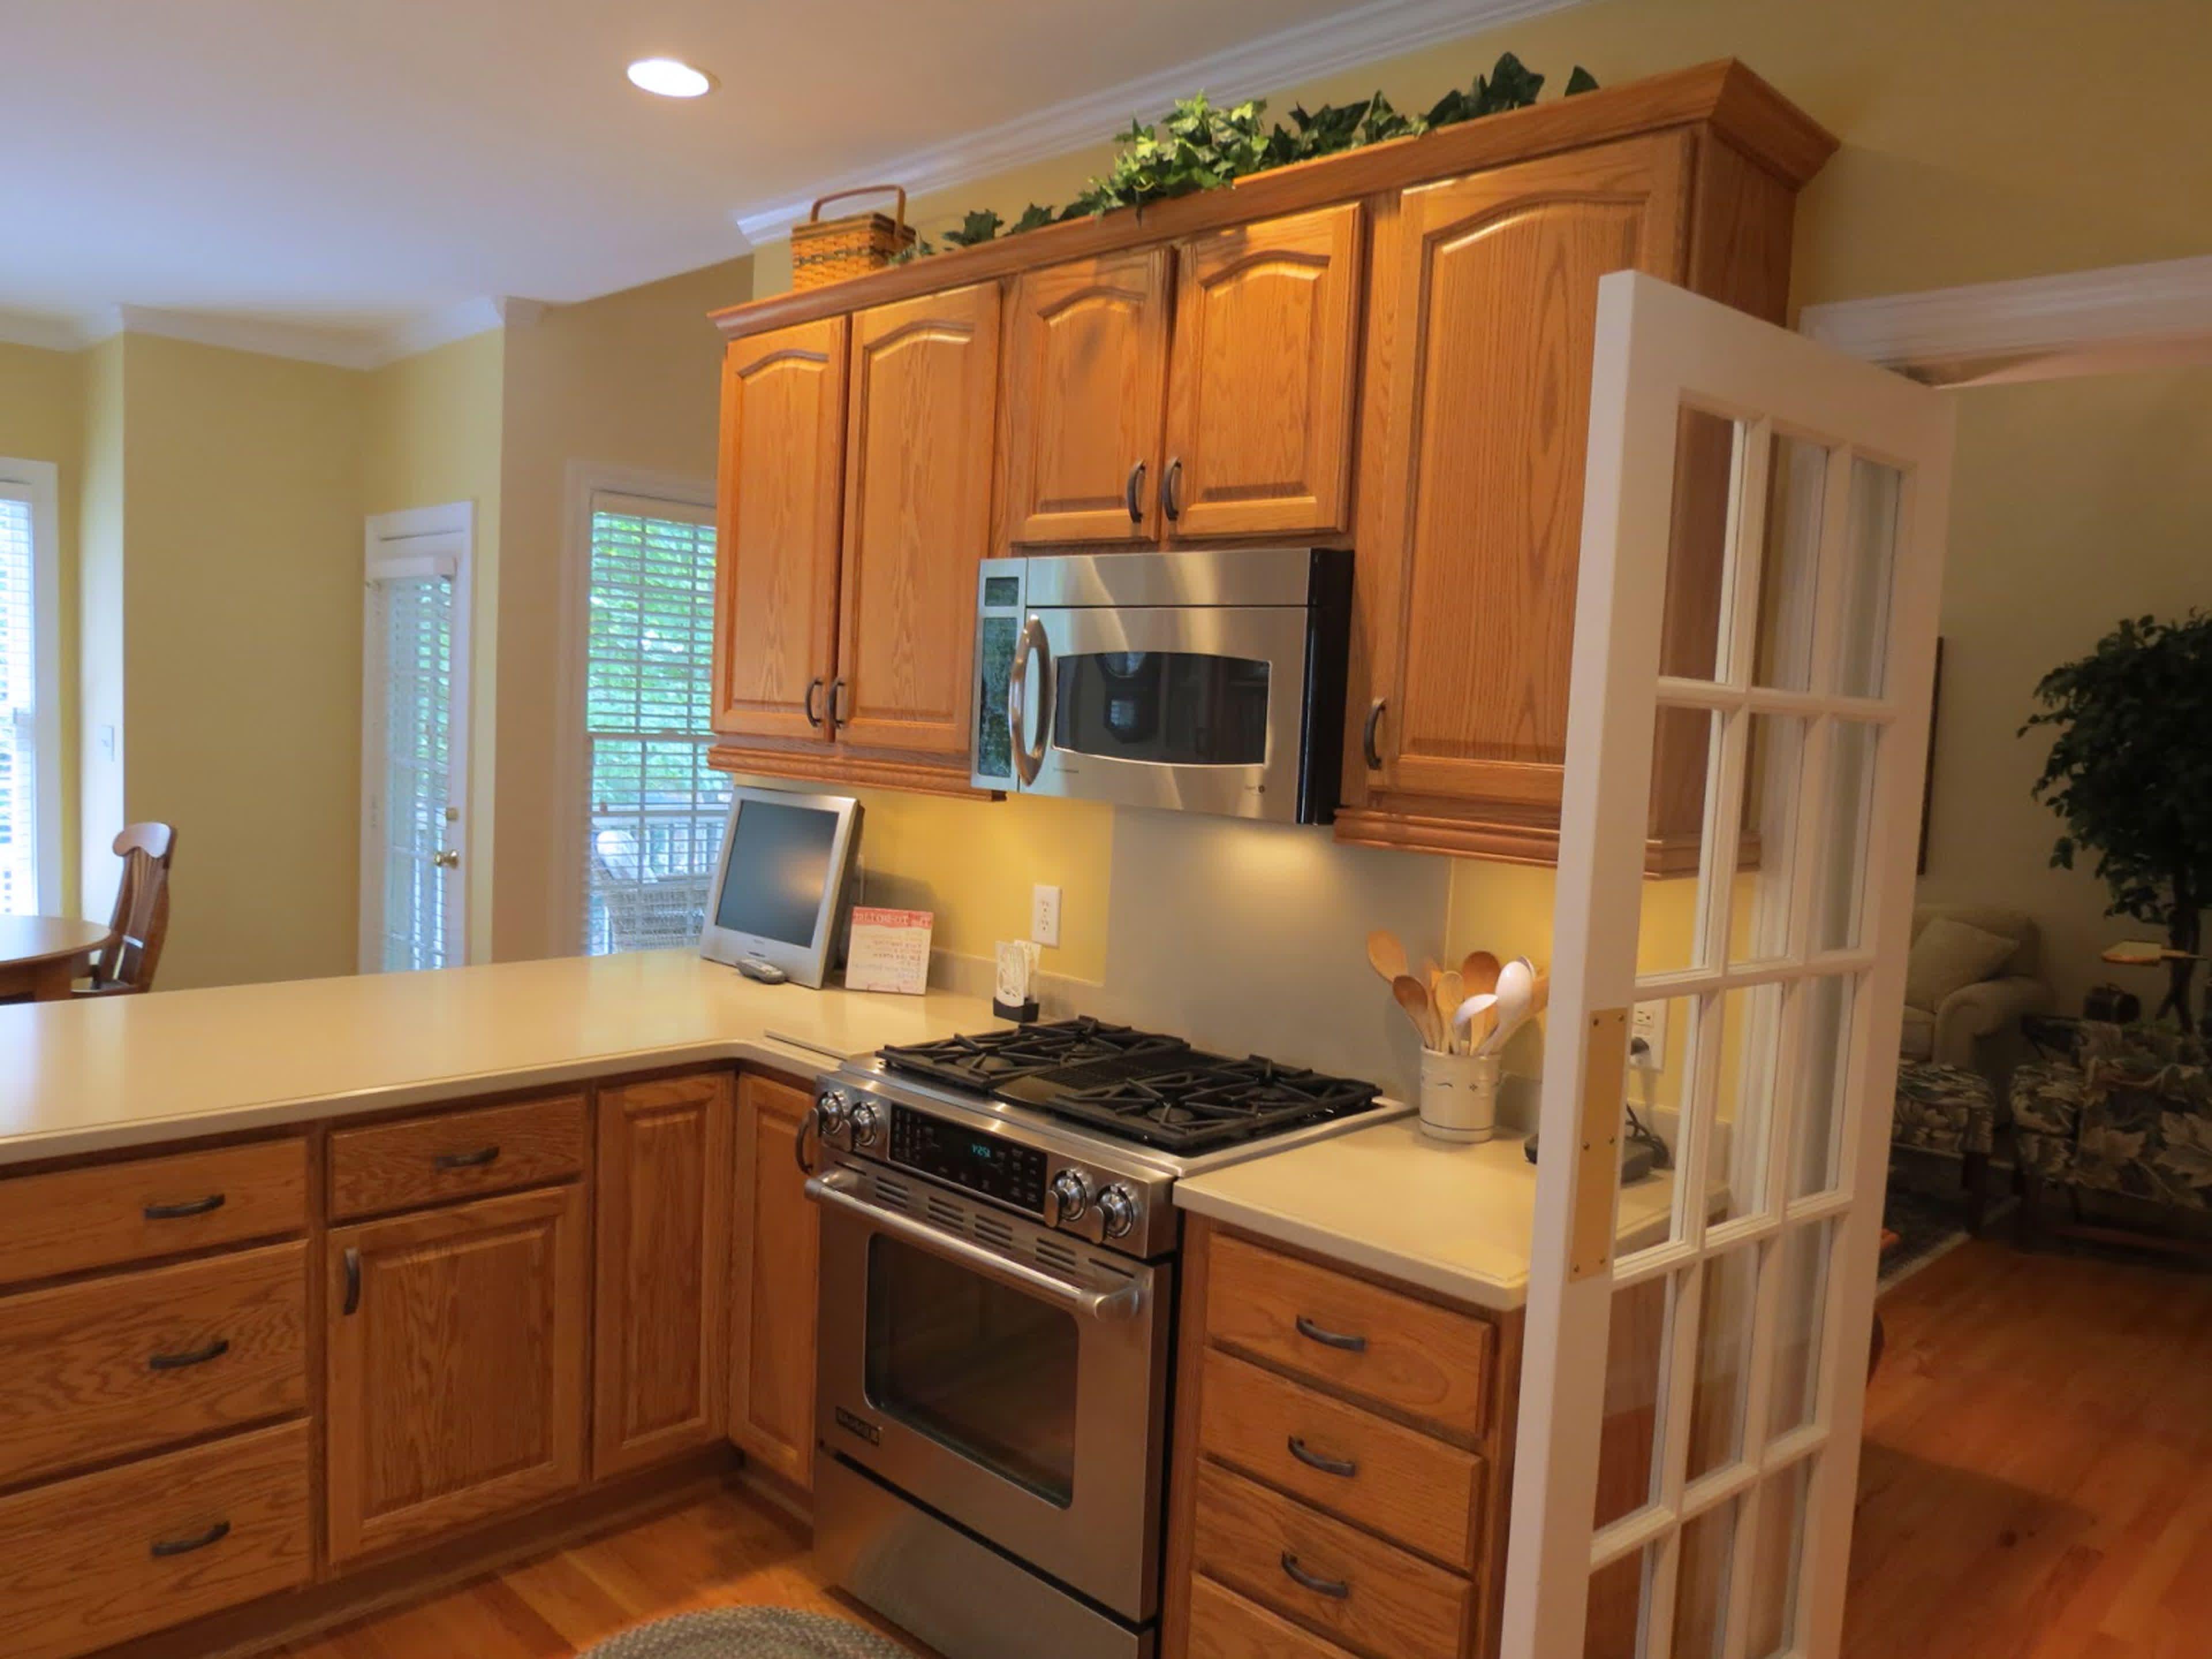 Kitchen Paint Colors With Oak Cabinets Kitchen Paint Color ...